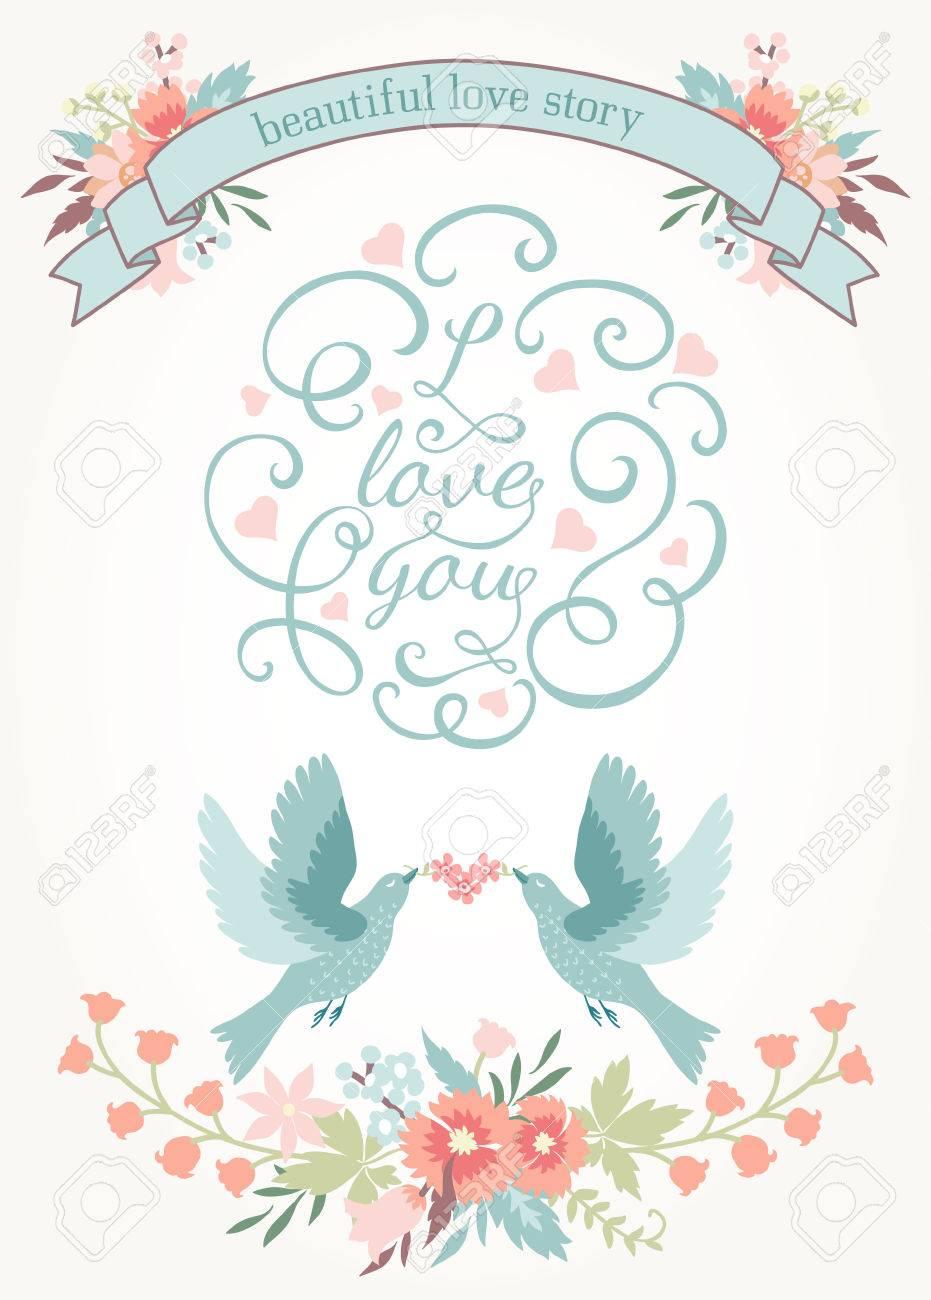 花、愛の鳥、リボンでかわいい結婚式招待状